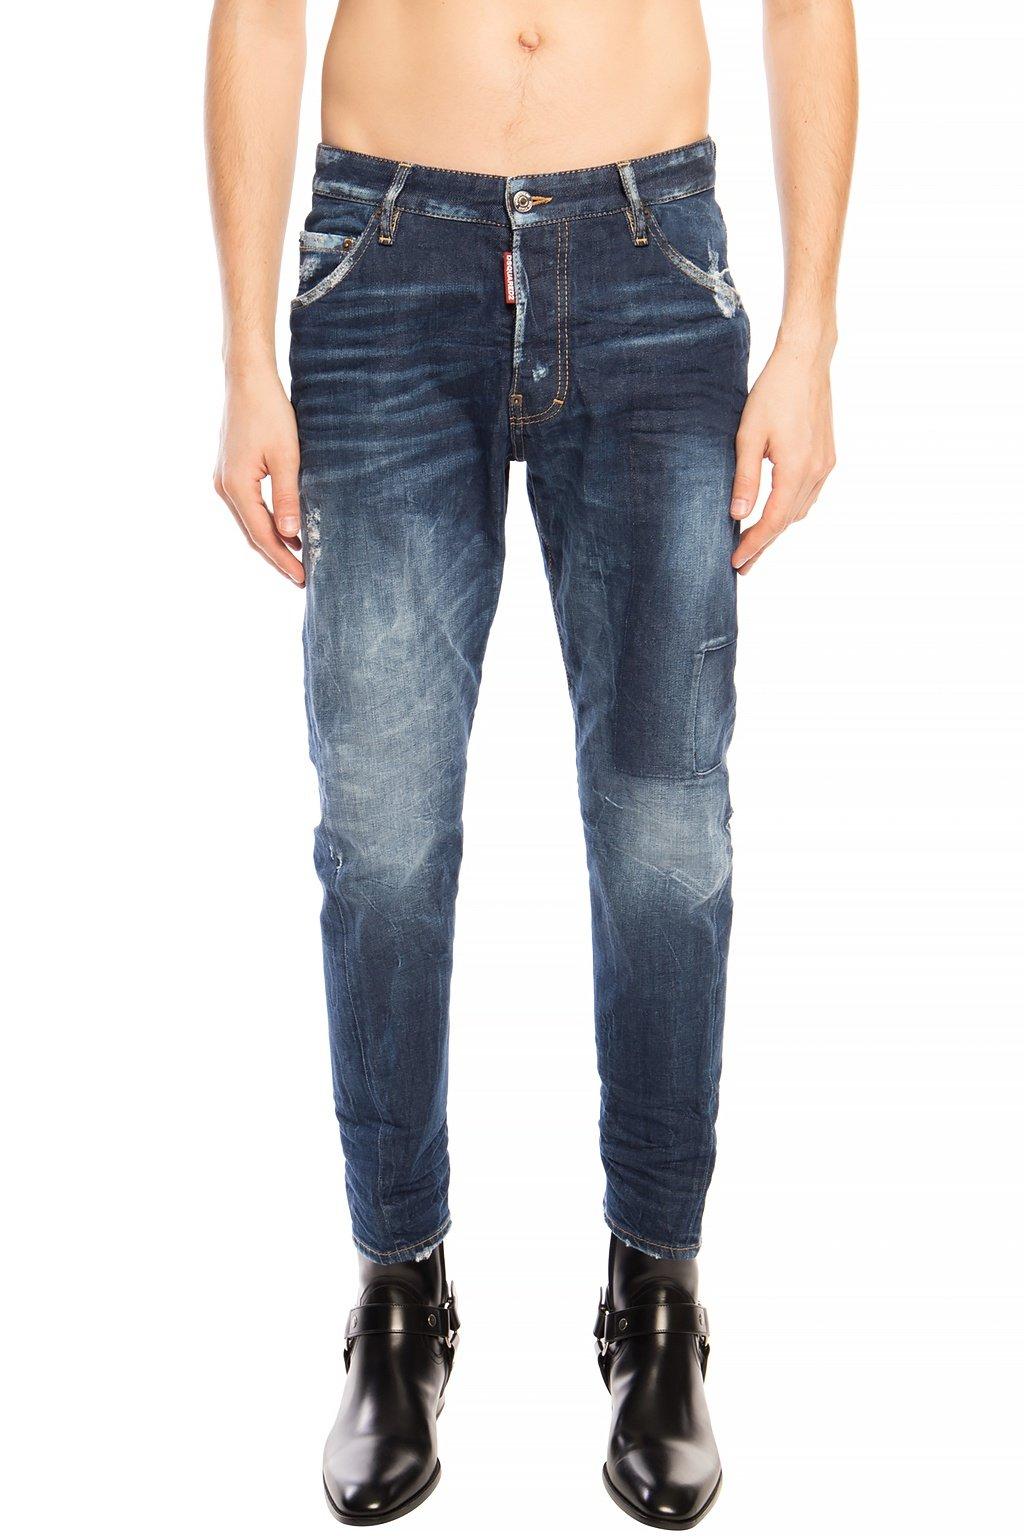 Dsquared² Men's Jeans Blue DS1432840 - IT48 | M